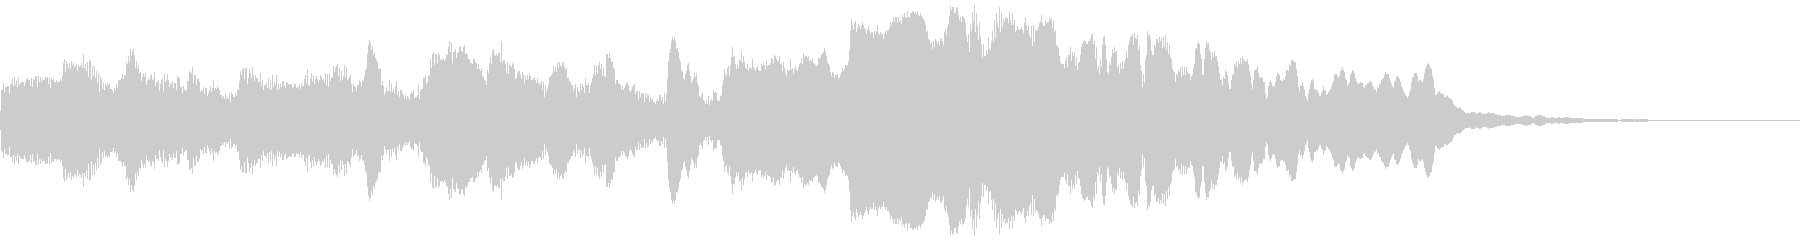 優雅なフルートとチェンバロのジングルの未再生の波形